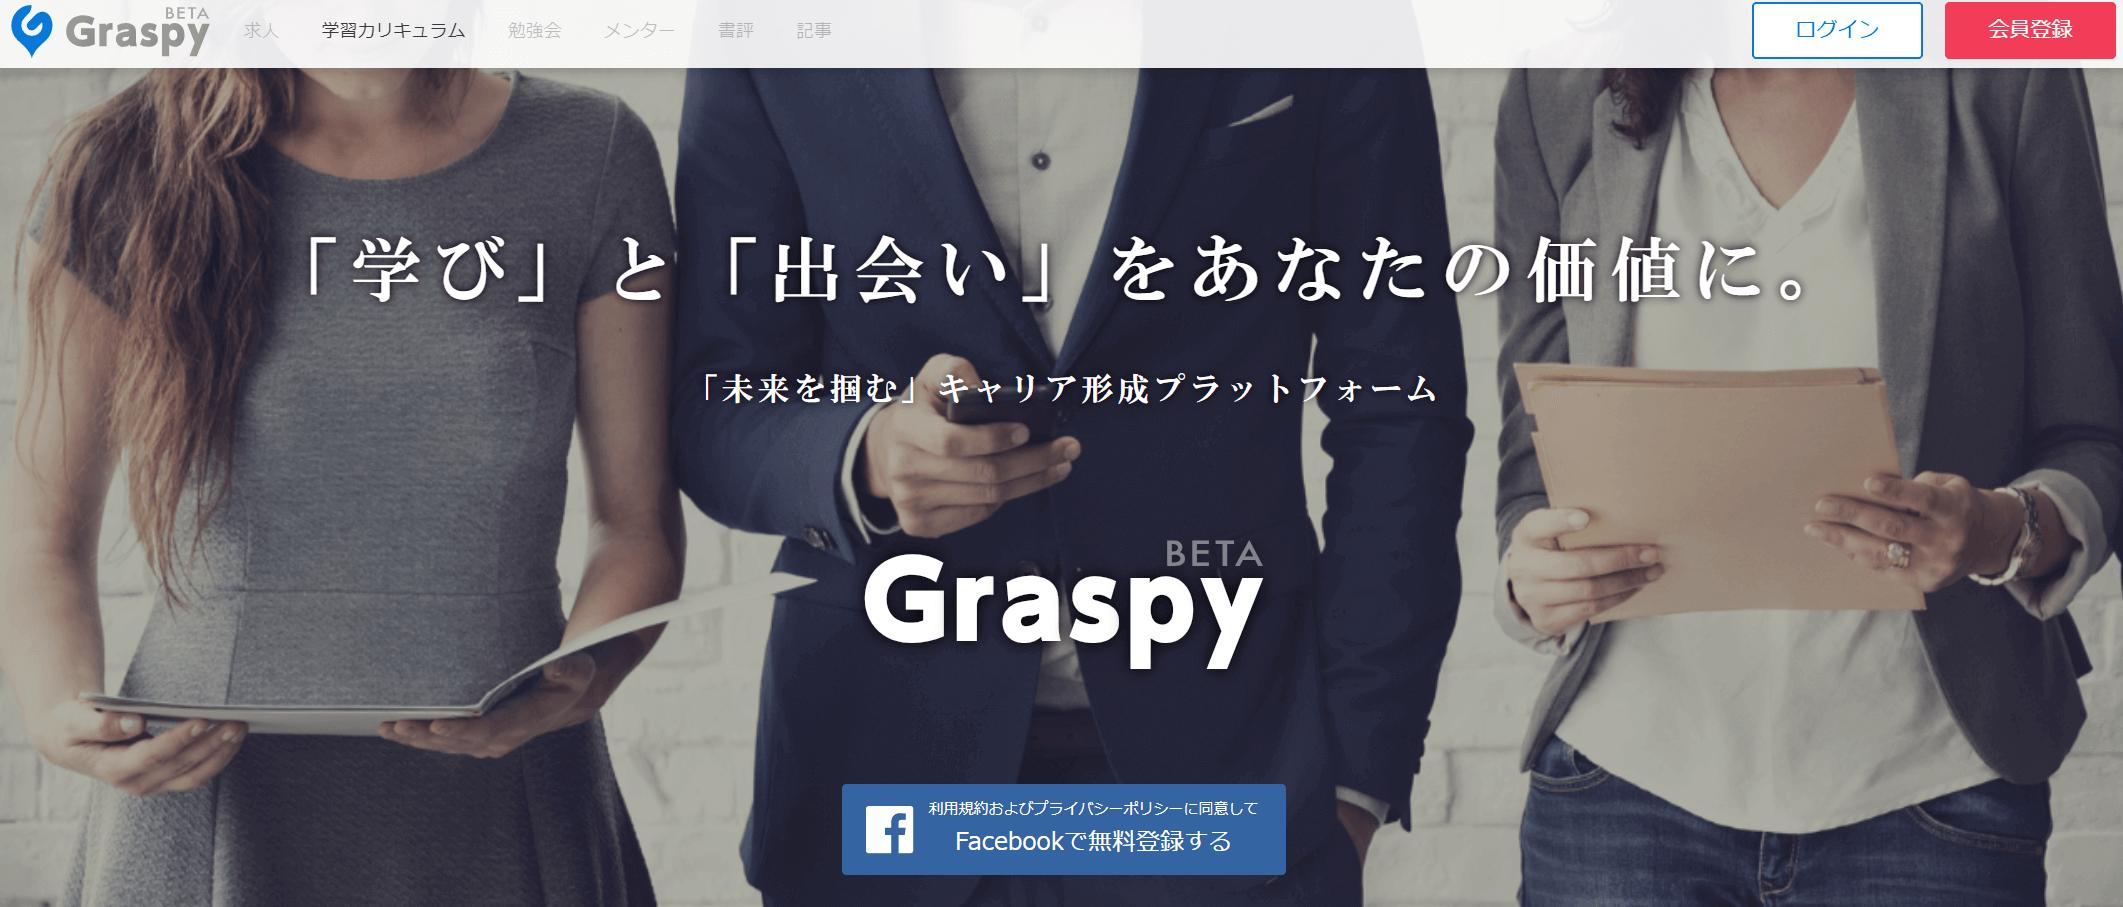 Graspyってどんなサービス?